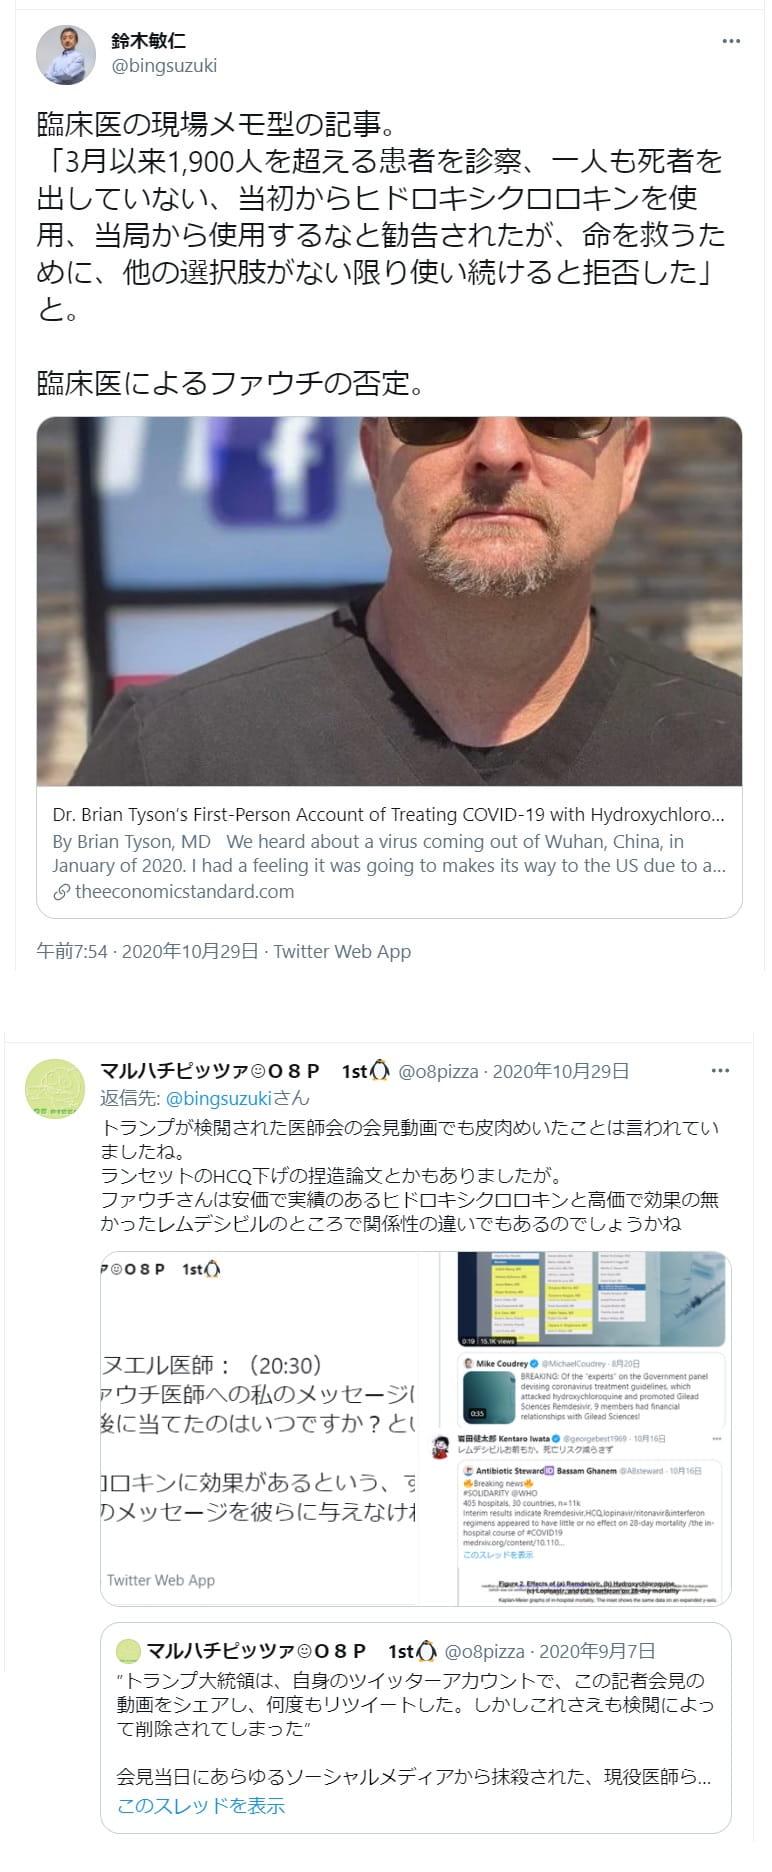 【ヒドロキシクロロキンの効果】危険な薬だと言われ、推奨する医師ごと叩かれた理由